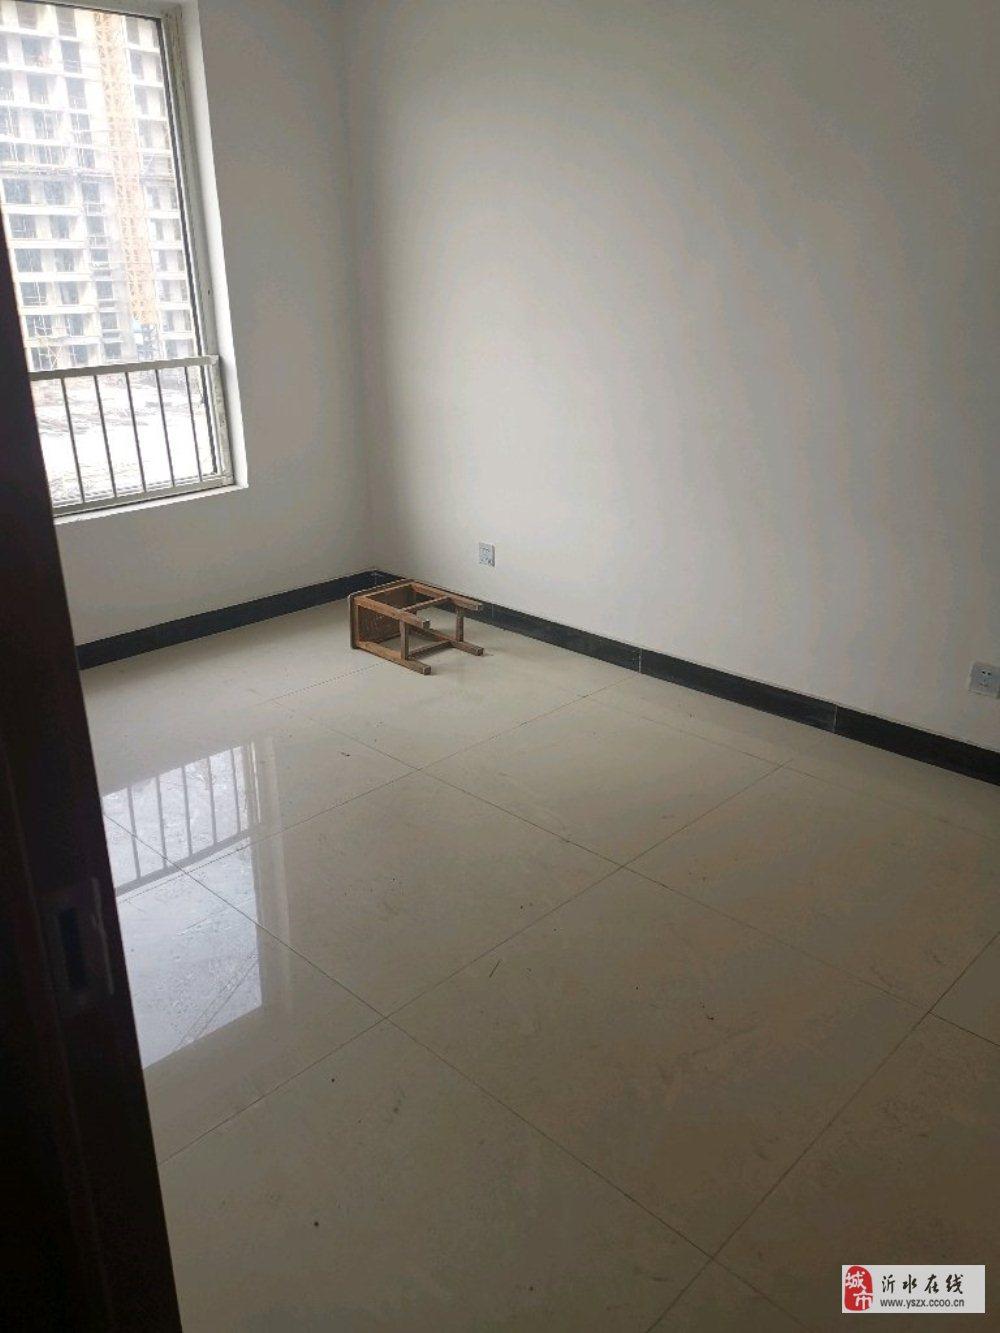 ☆清华园4楼带车位储藏室2室1厅简装56万元